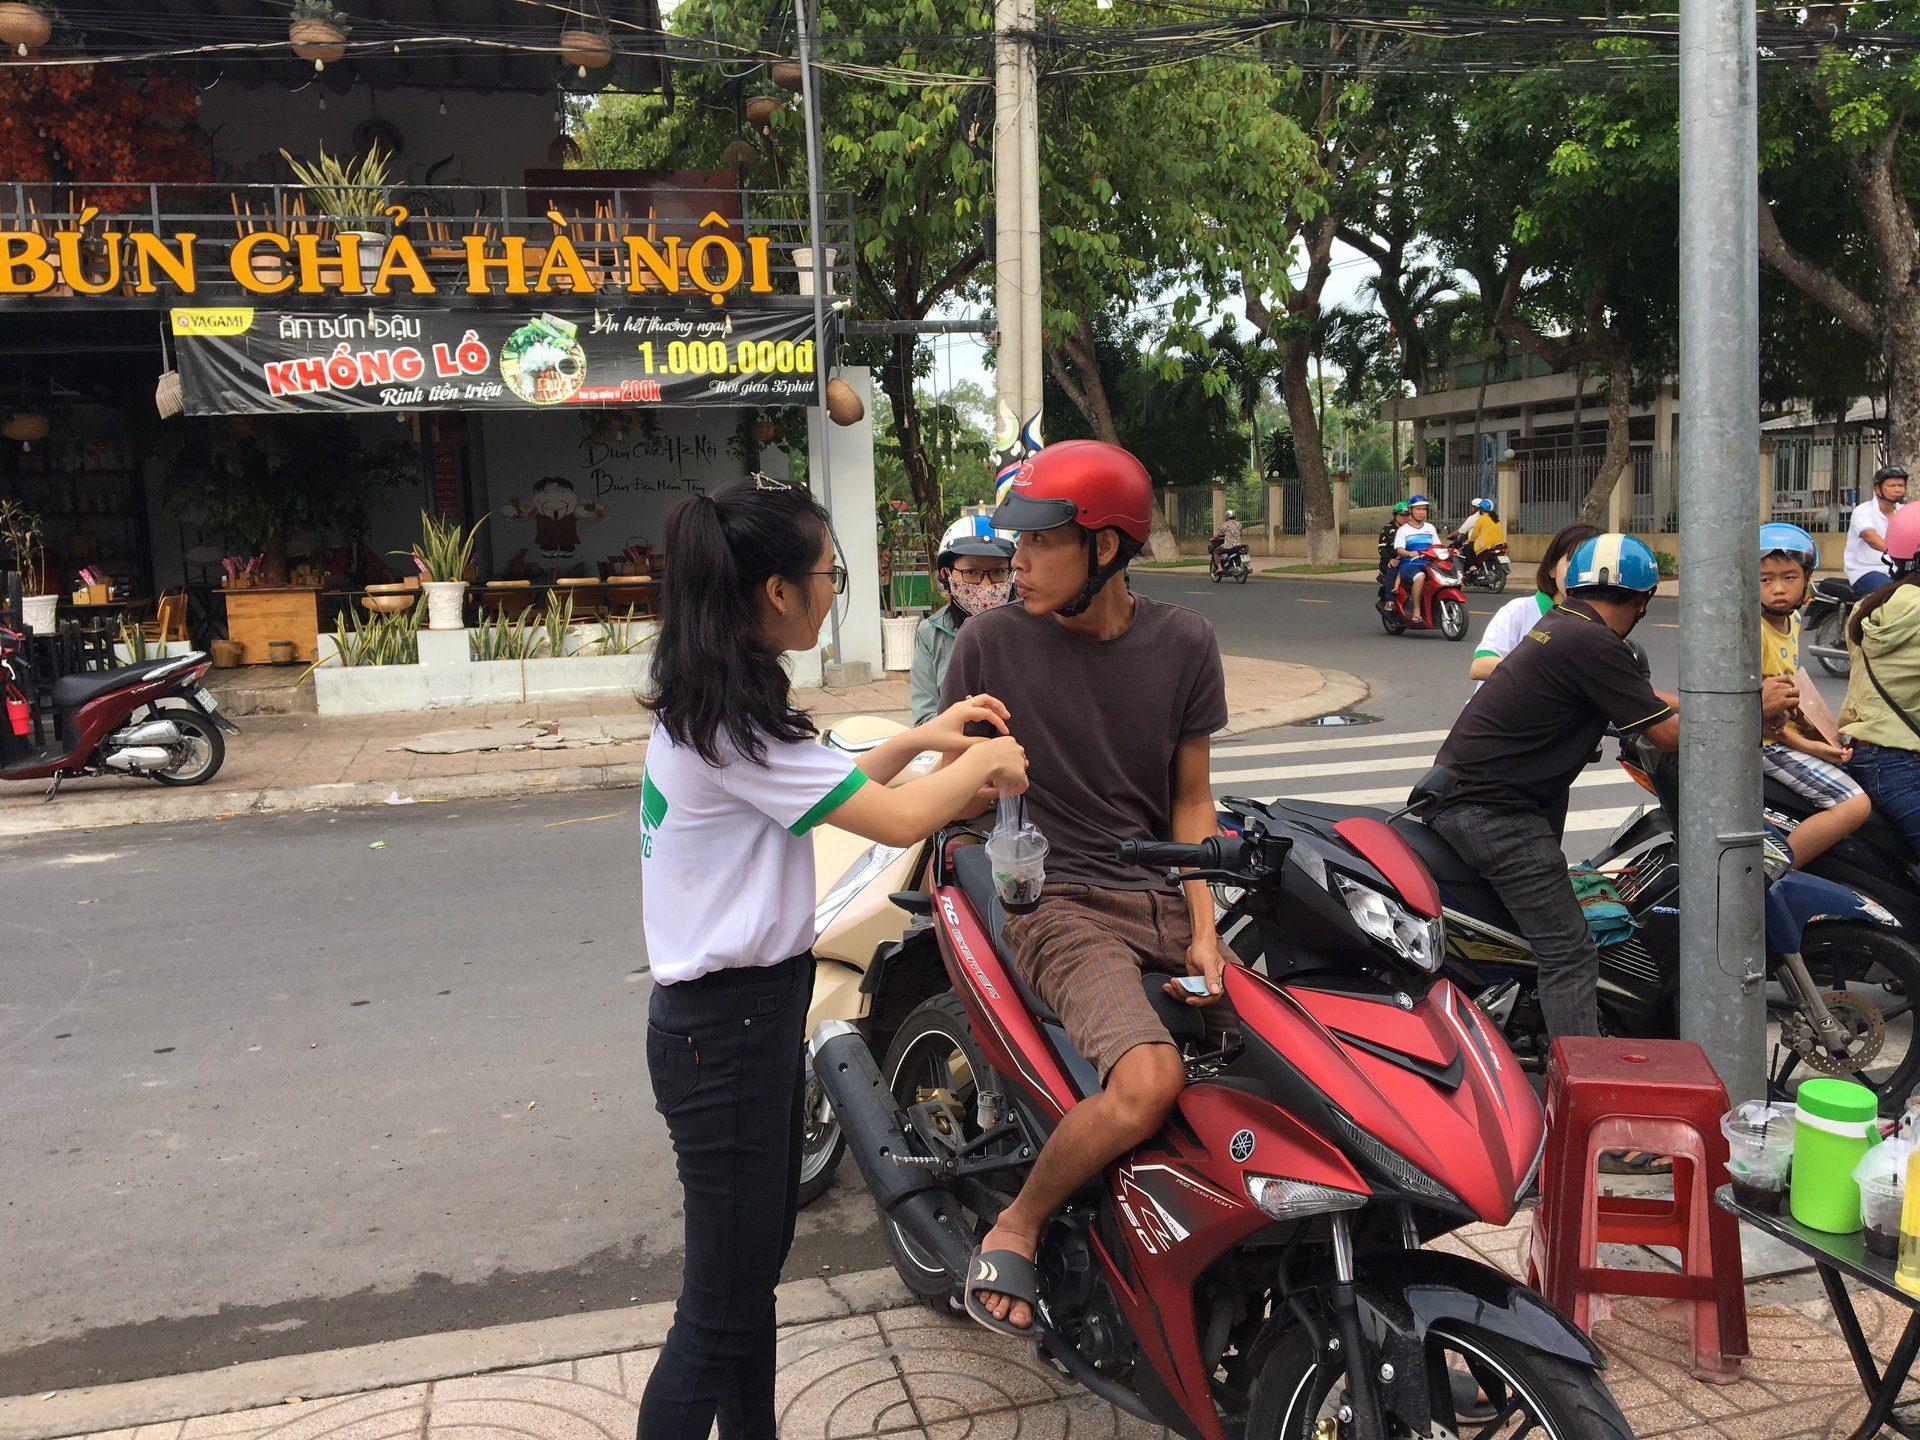 67364342 898765887127202 3330932800894271488 o - 2 Brothers Coffee - Quán cafe hot nhất Cao Lãnh - Đồng Tháp